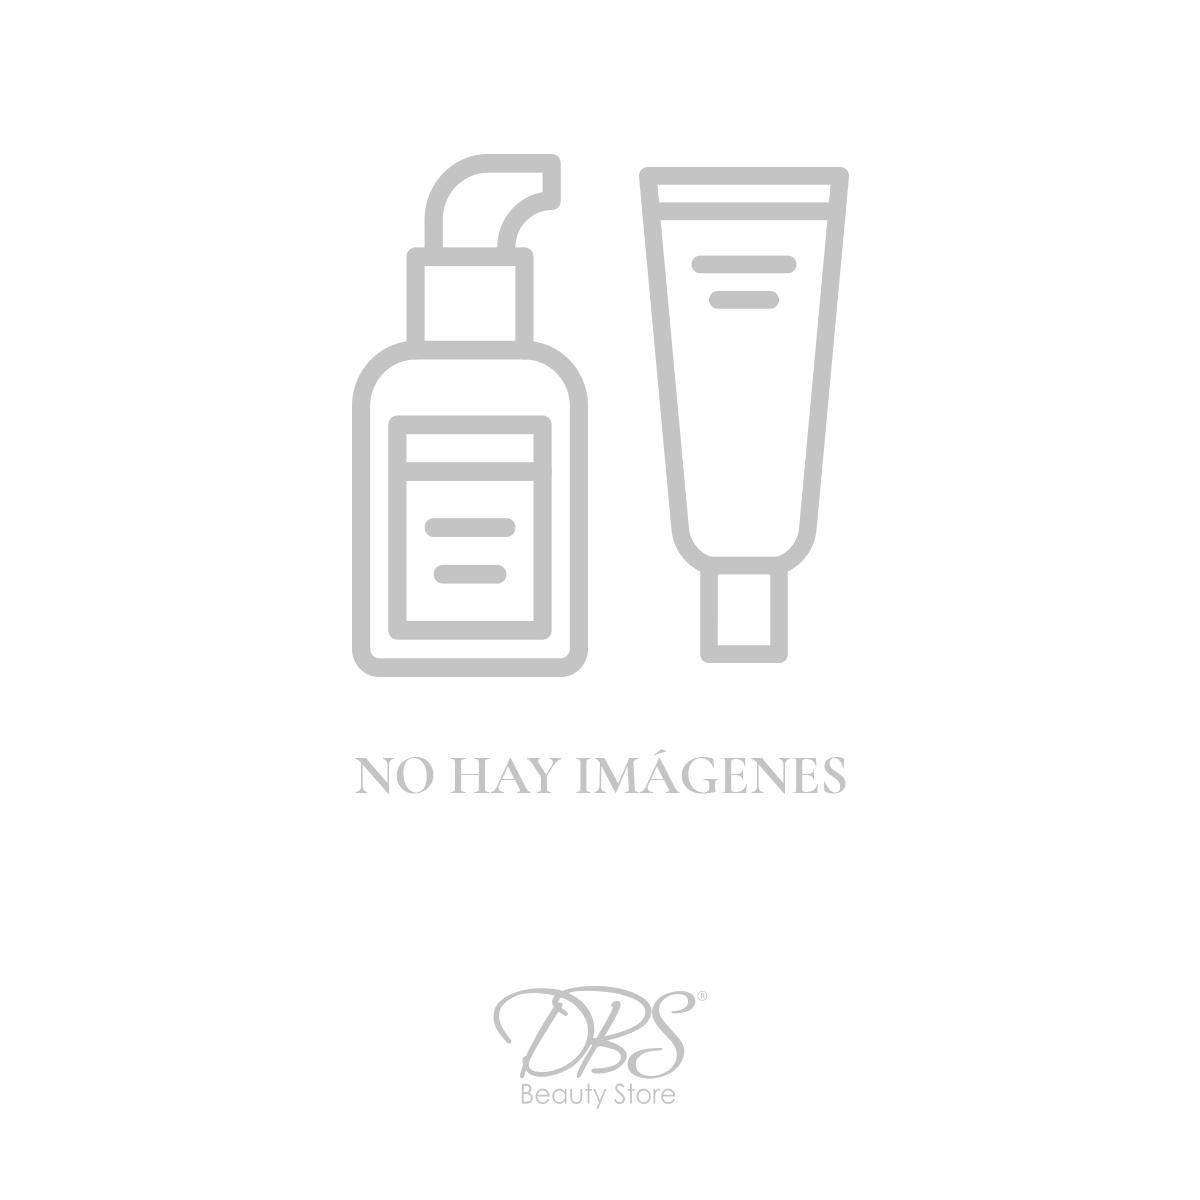 bath-and-body-works-BW-63438.jpg